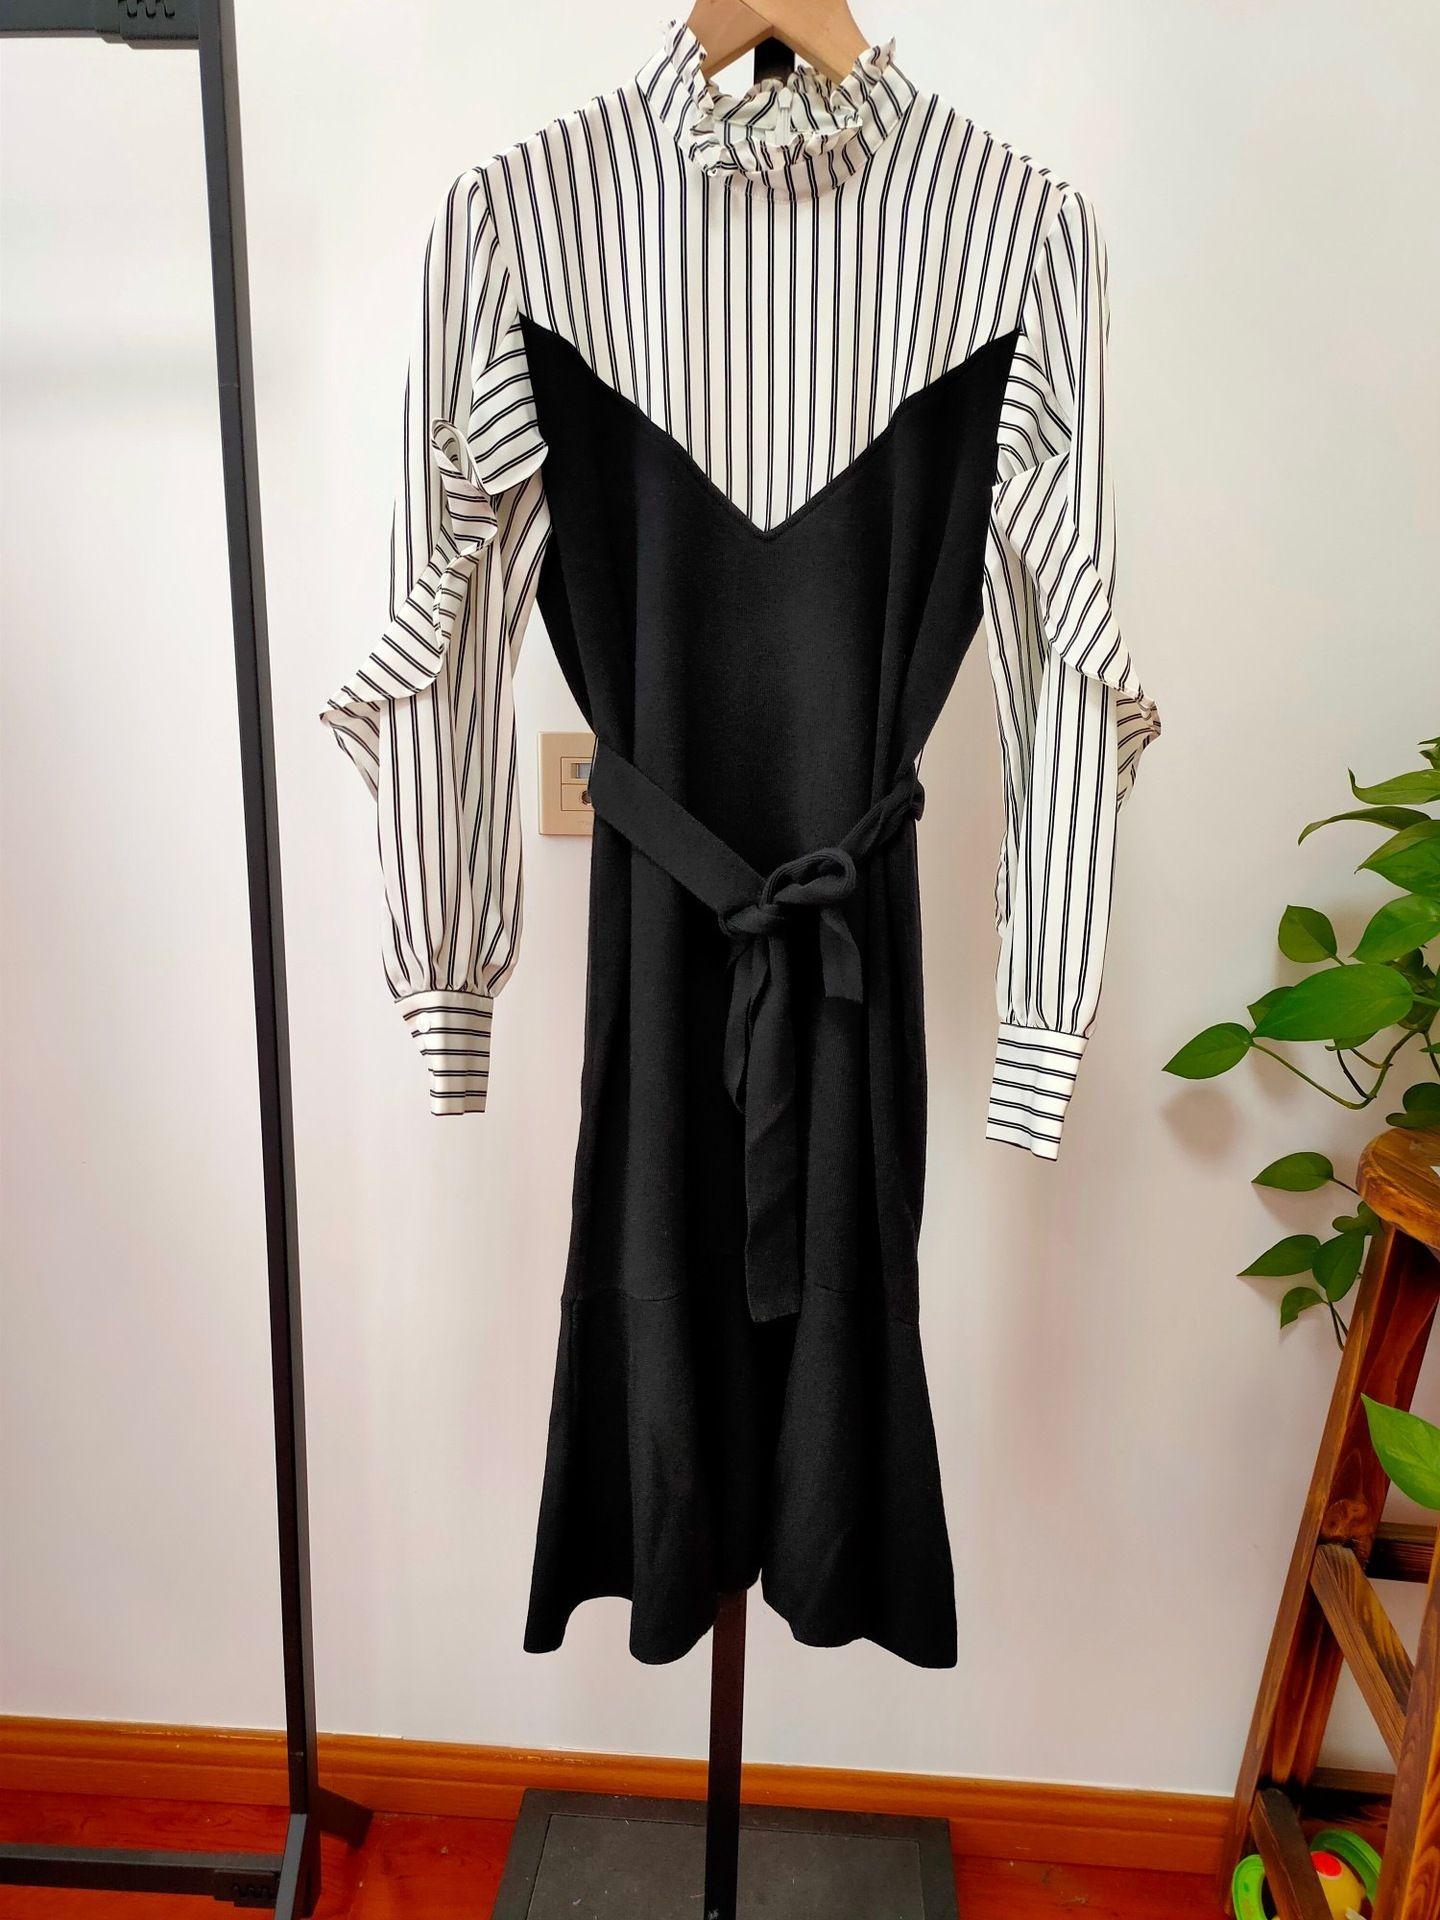 fL2zx YFL sonbahar 2020 bel Koreli yüksek etek elbise örme etek 1b8997971 t9Ont balık kuyruğu yeni Fishtail dikişli